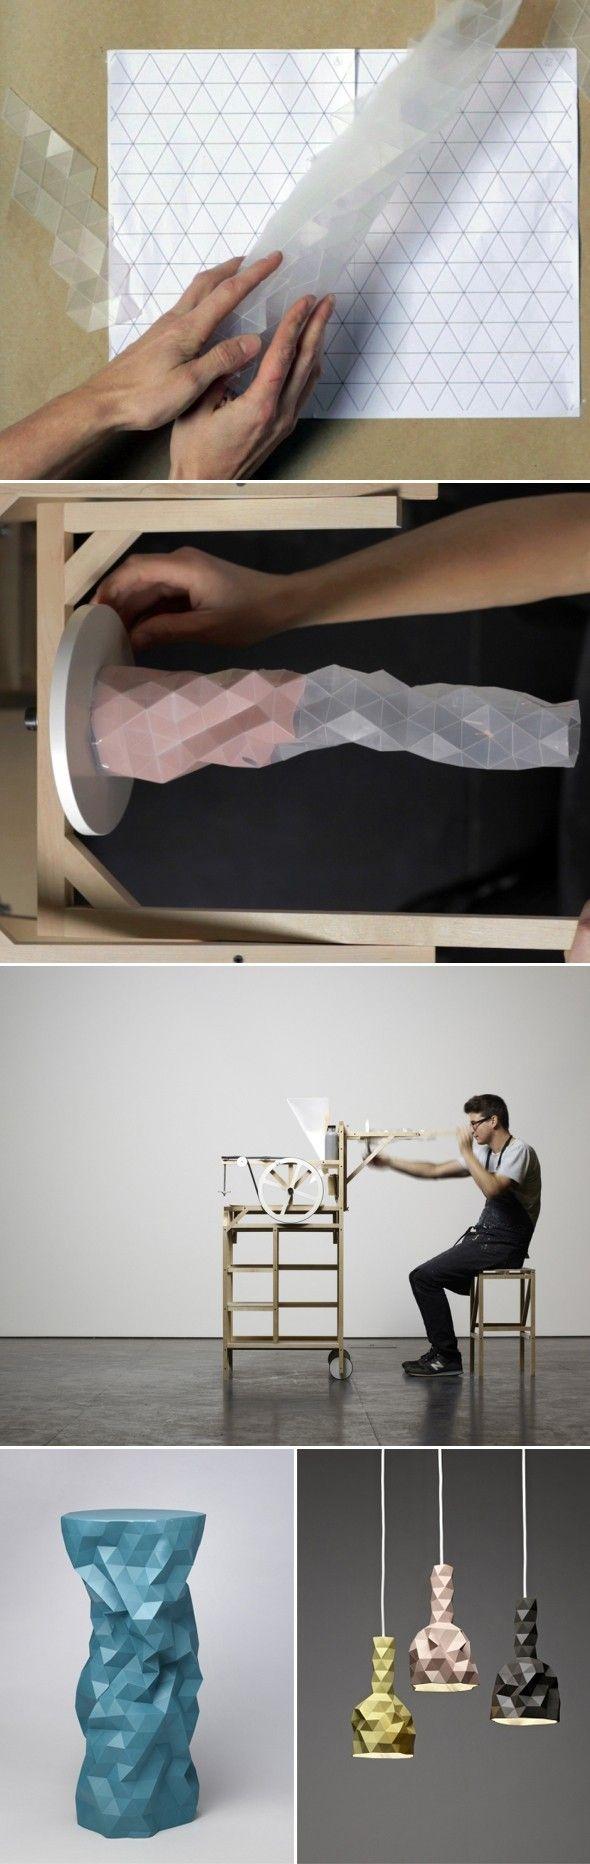 Faceture - Phil Cuttance. Le moule en plastique permet de générer plusieurs formes différentes.